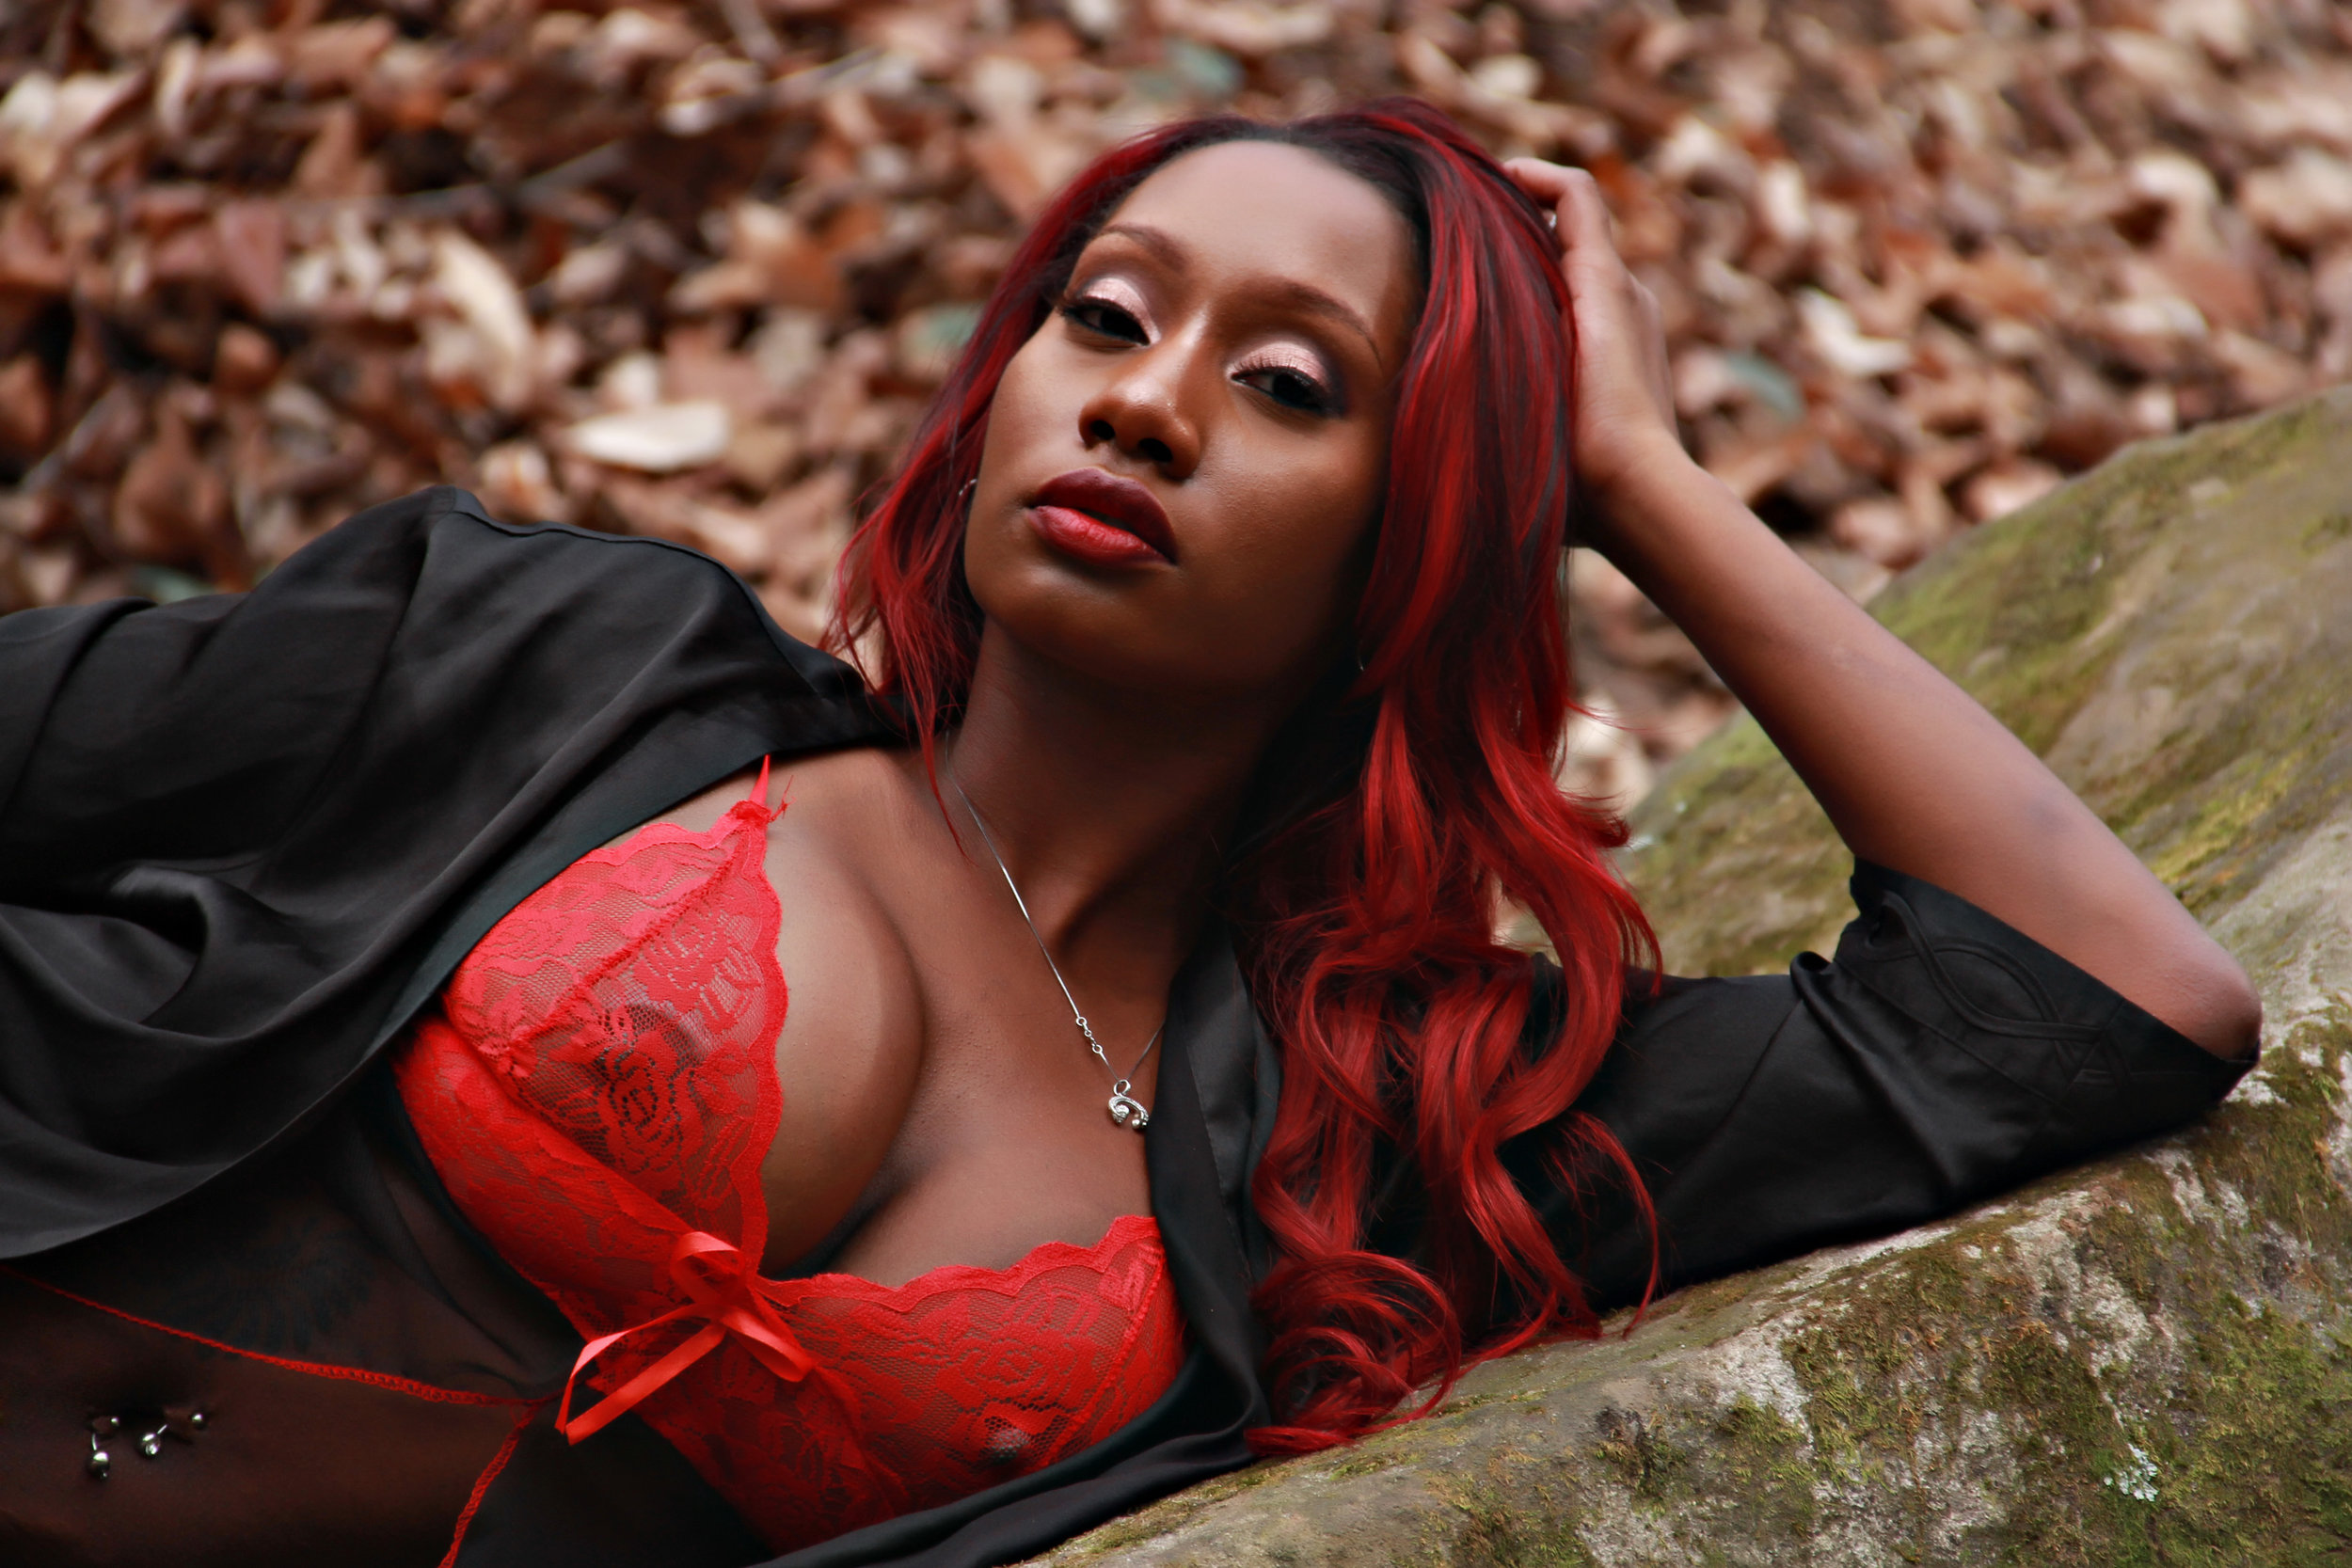 leigh lingerie red1.jpg